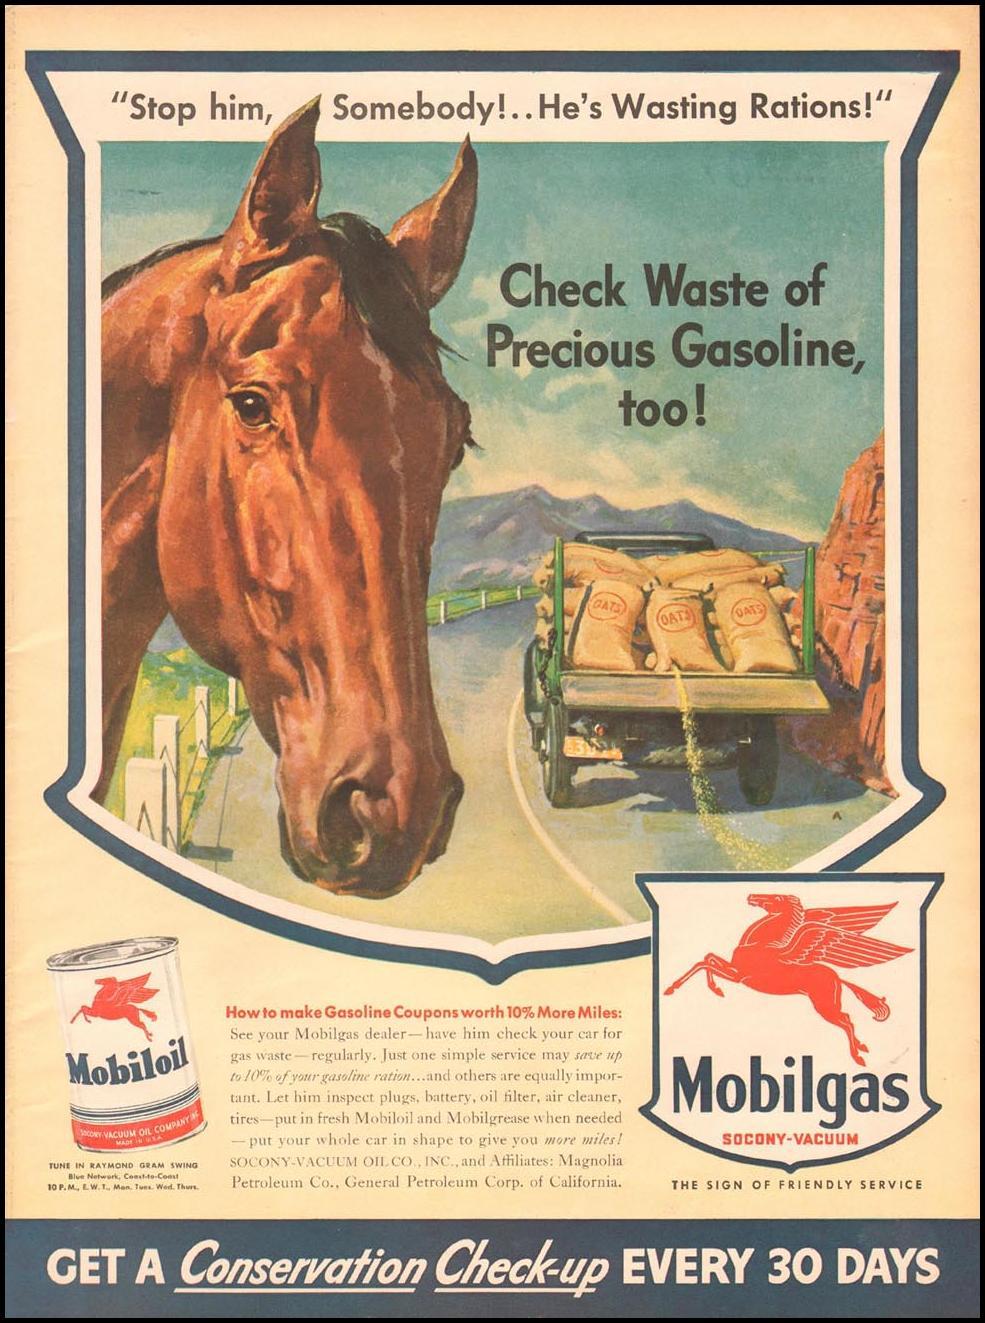 MOBILOIL LIFE 10/11/1943 p. 23